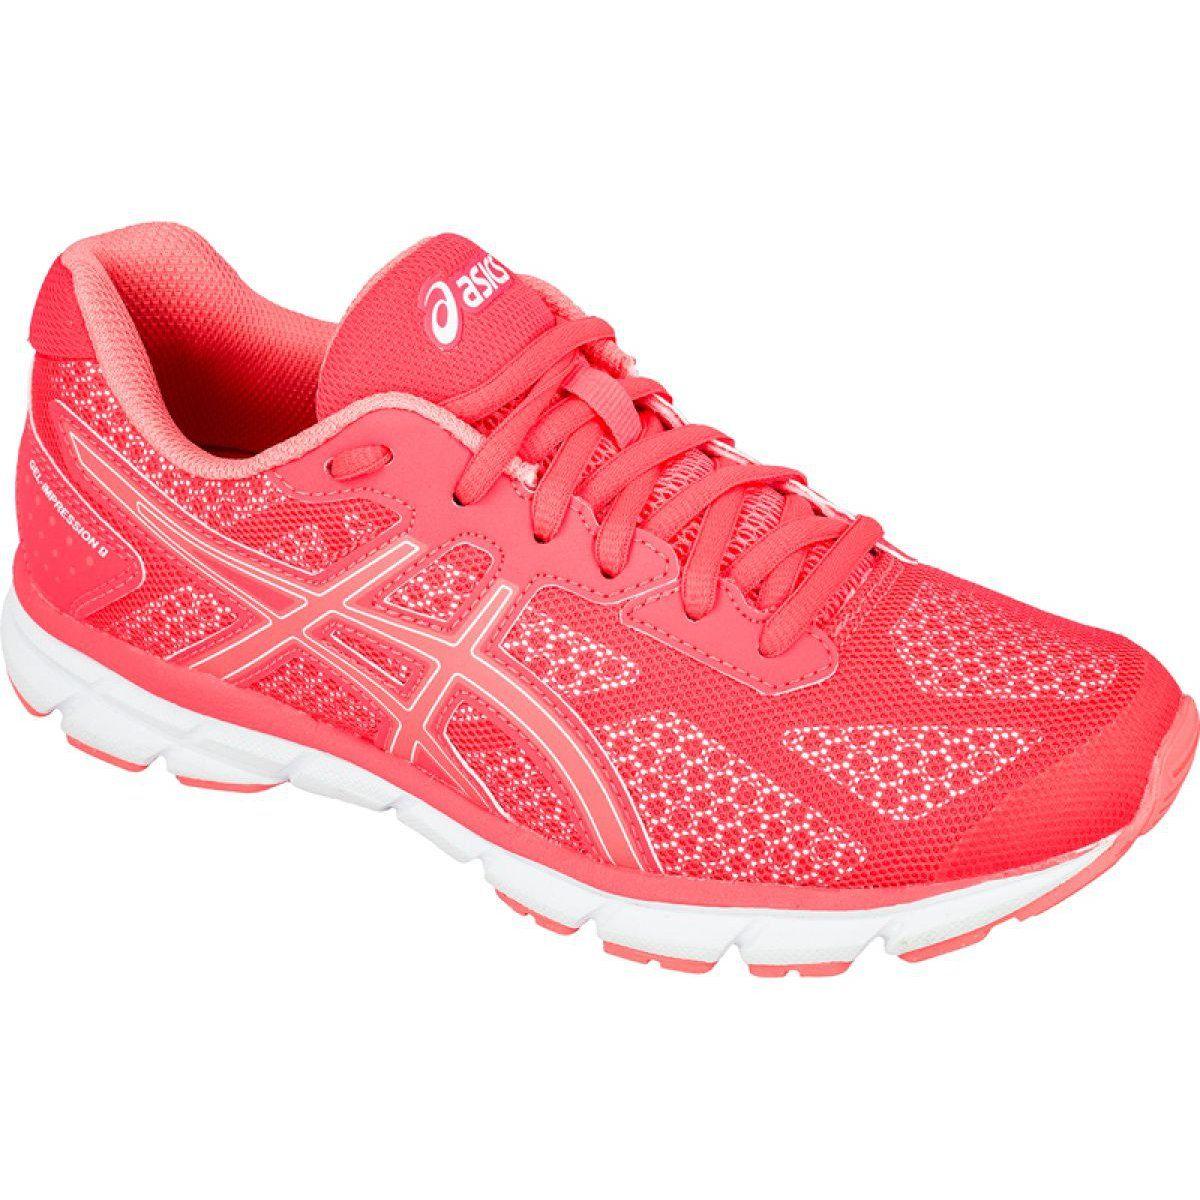 Buty Biegowe Asics Gel Impression 9 W T6f6n 2030 Rozowe Asics Running Shoes Asics Running Shoes